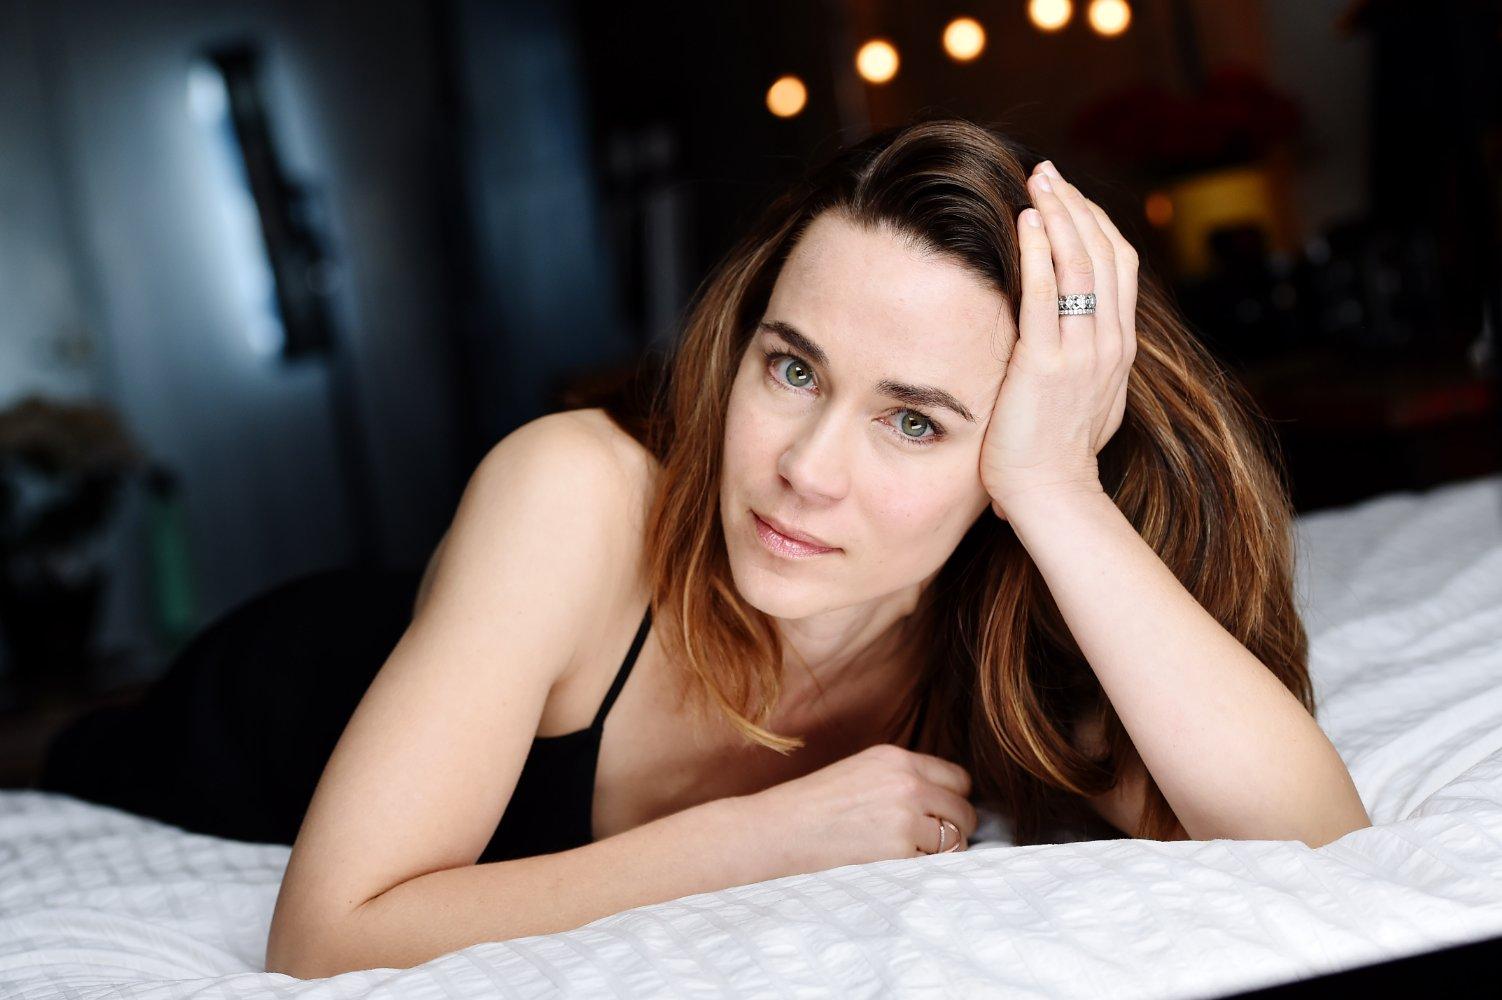 Watch Sarah Hudson (actress) video